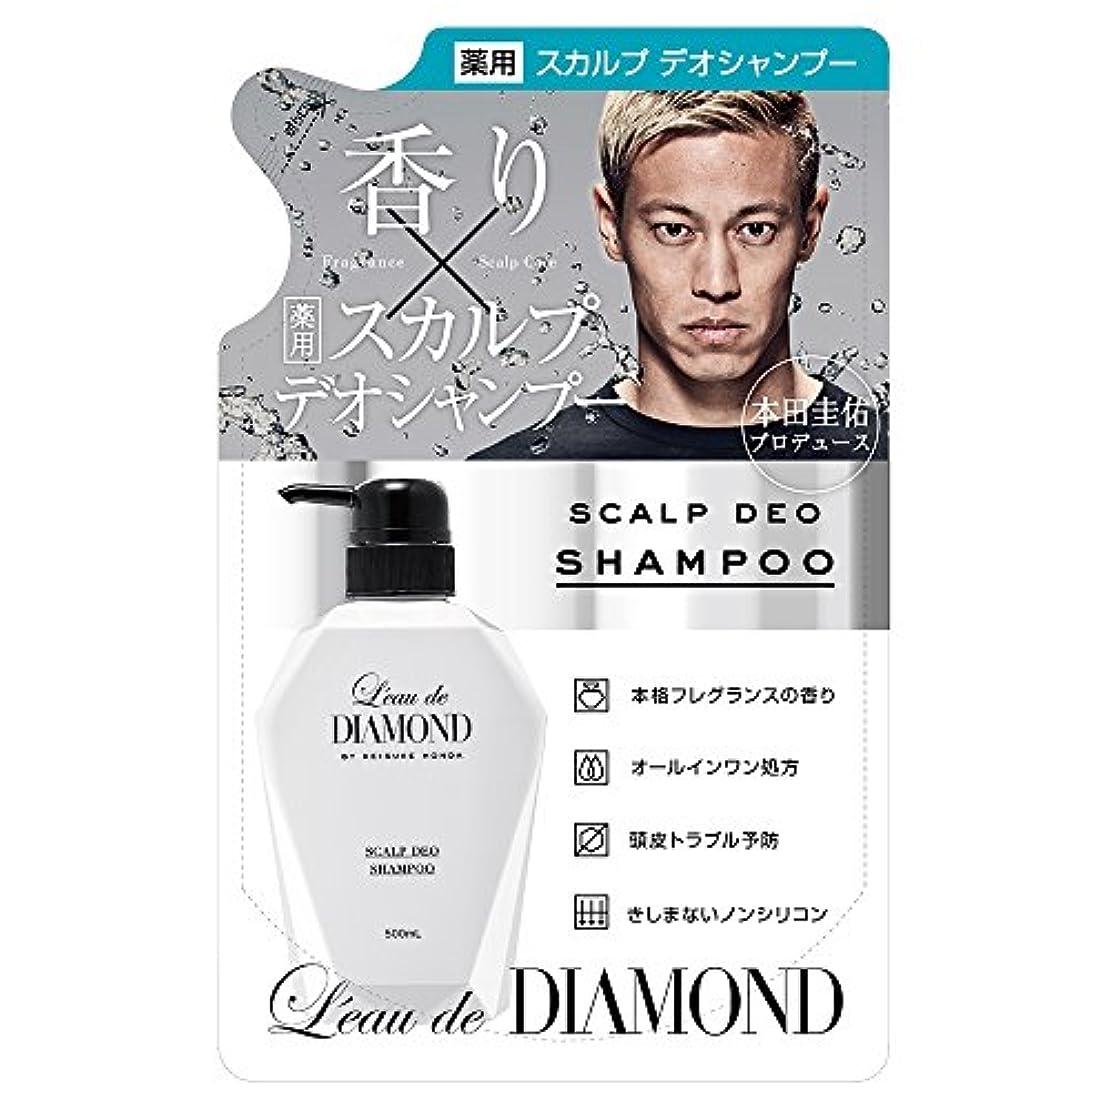 対人工業用ラメロードダイアモンド 薬用スカルプデオシャンプー レフィル 430ml